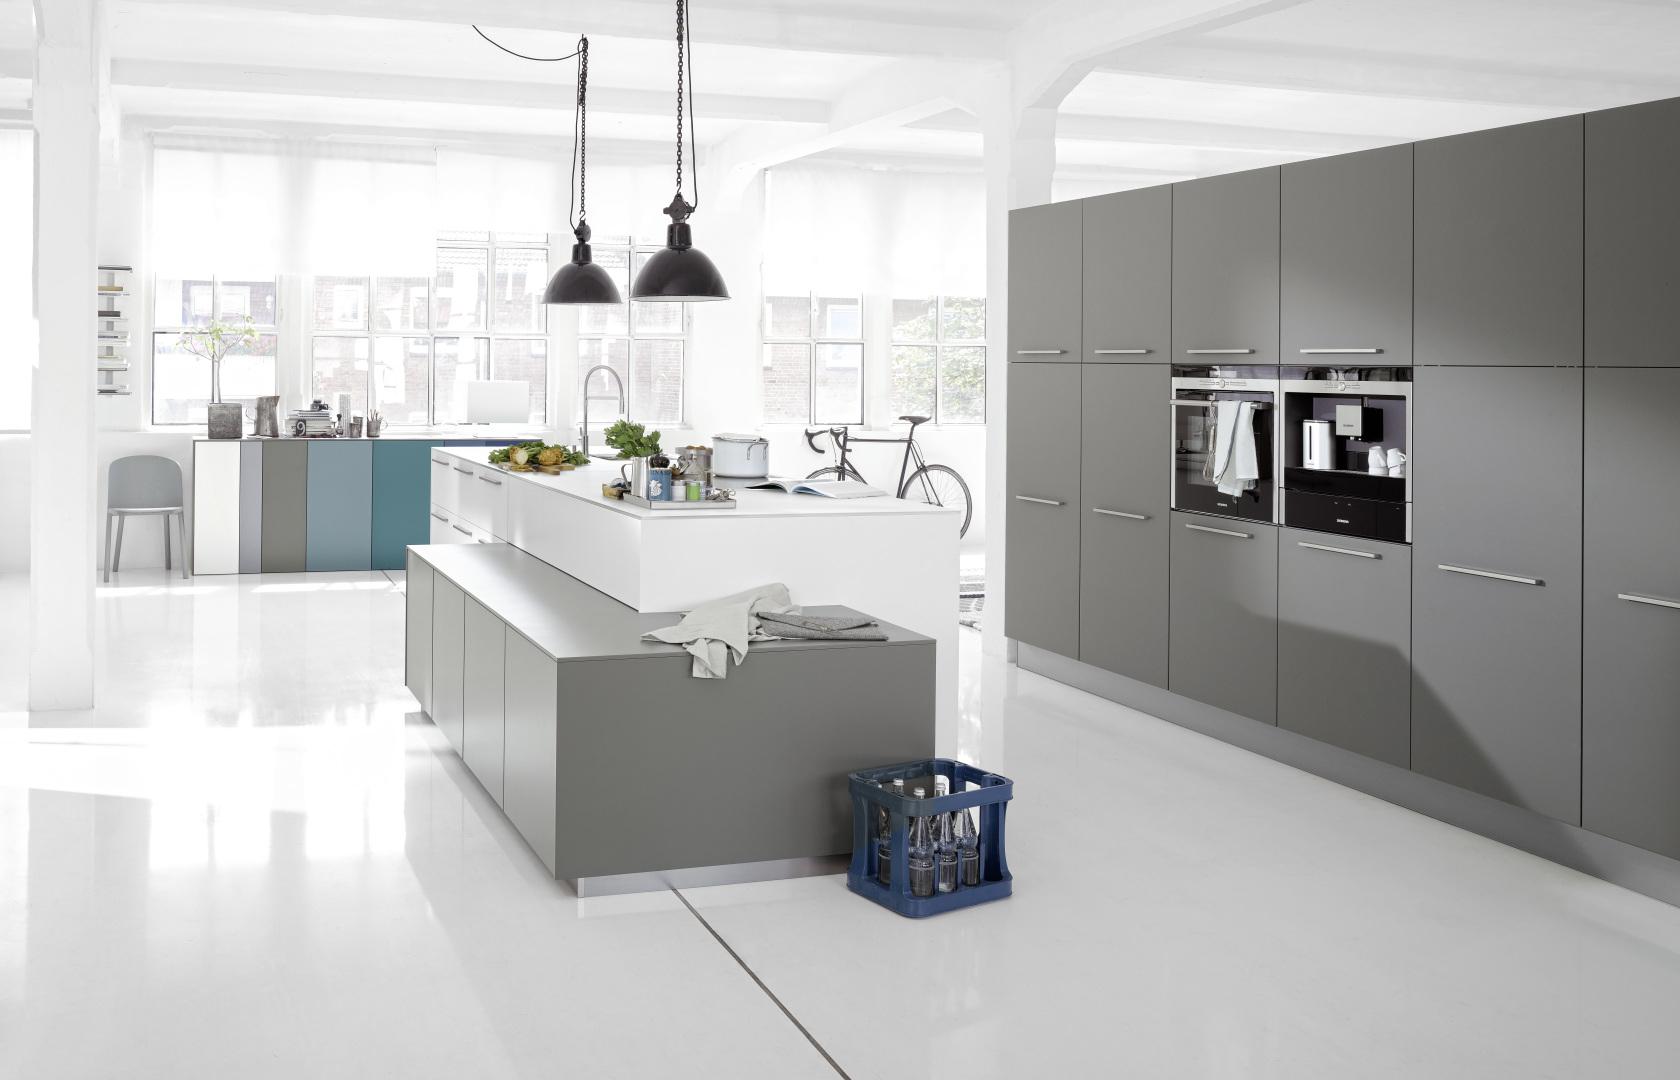 cuando construimos una cocina o renovamos la nuestra hay que decidir la forma que tendr y la distribucin de los muebles a veces es buena idea reformar - Distribucion Cocina